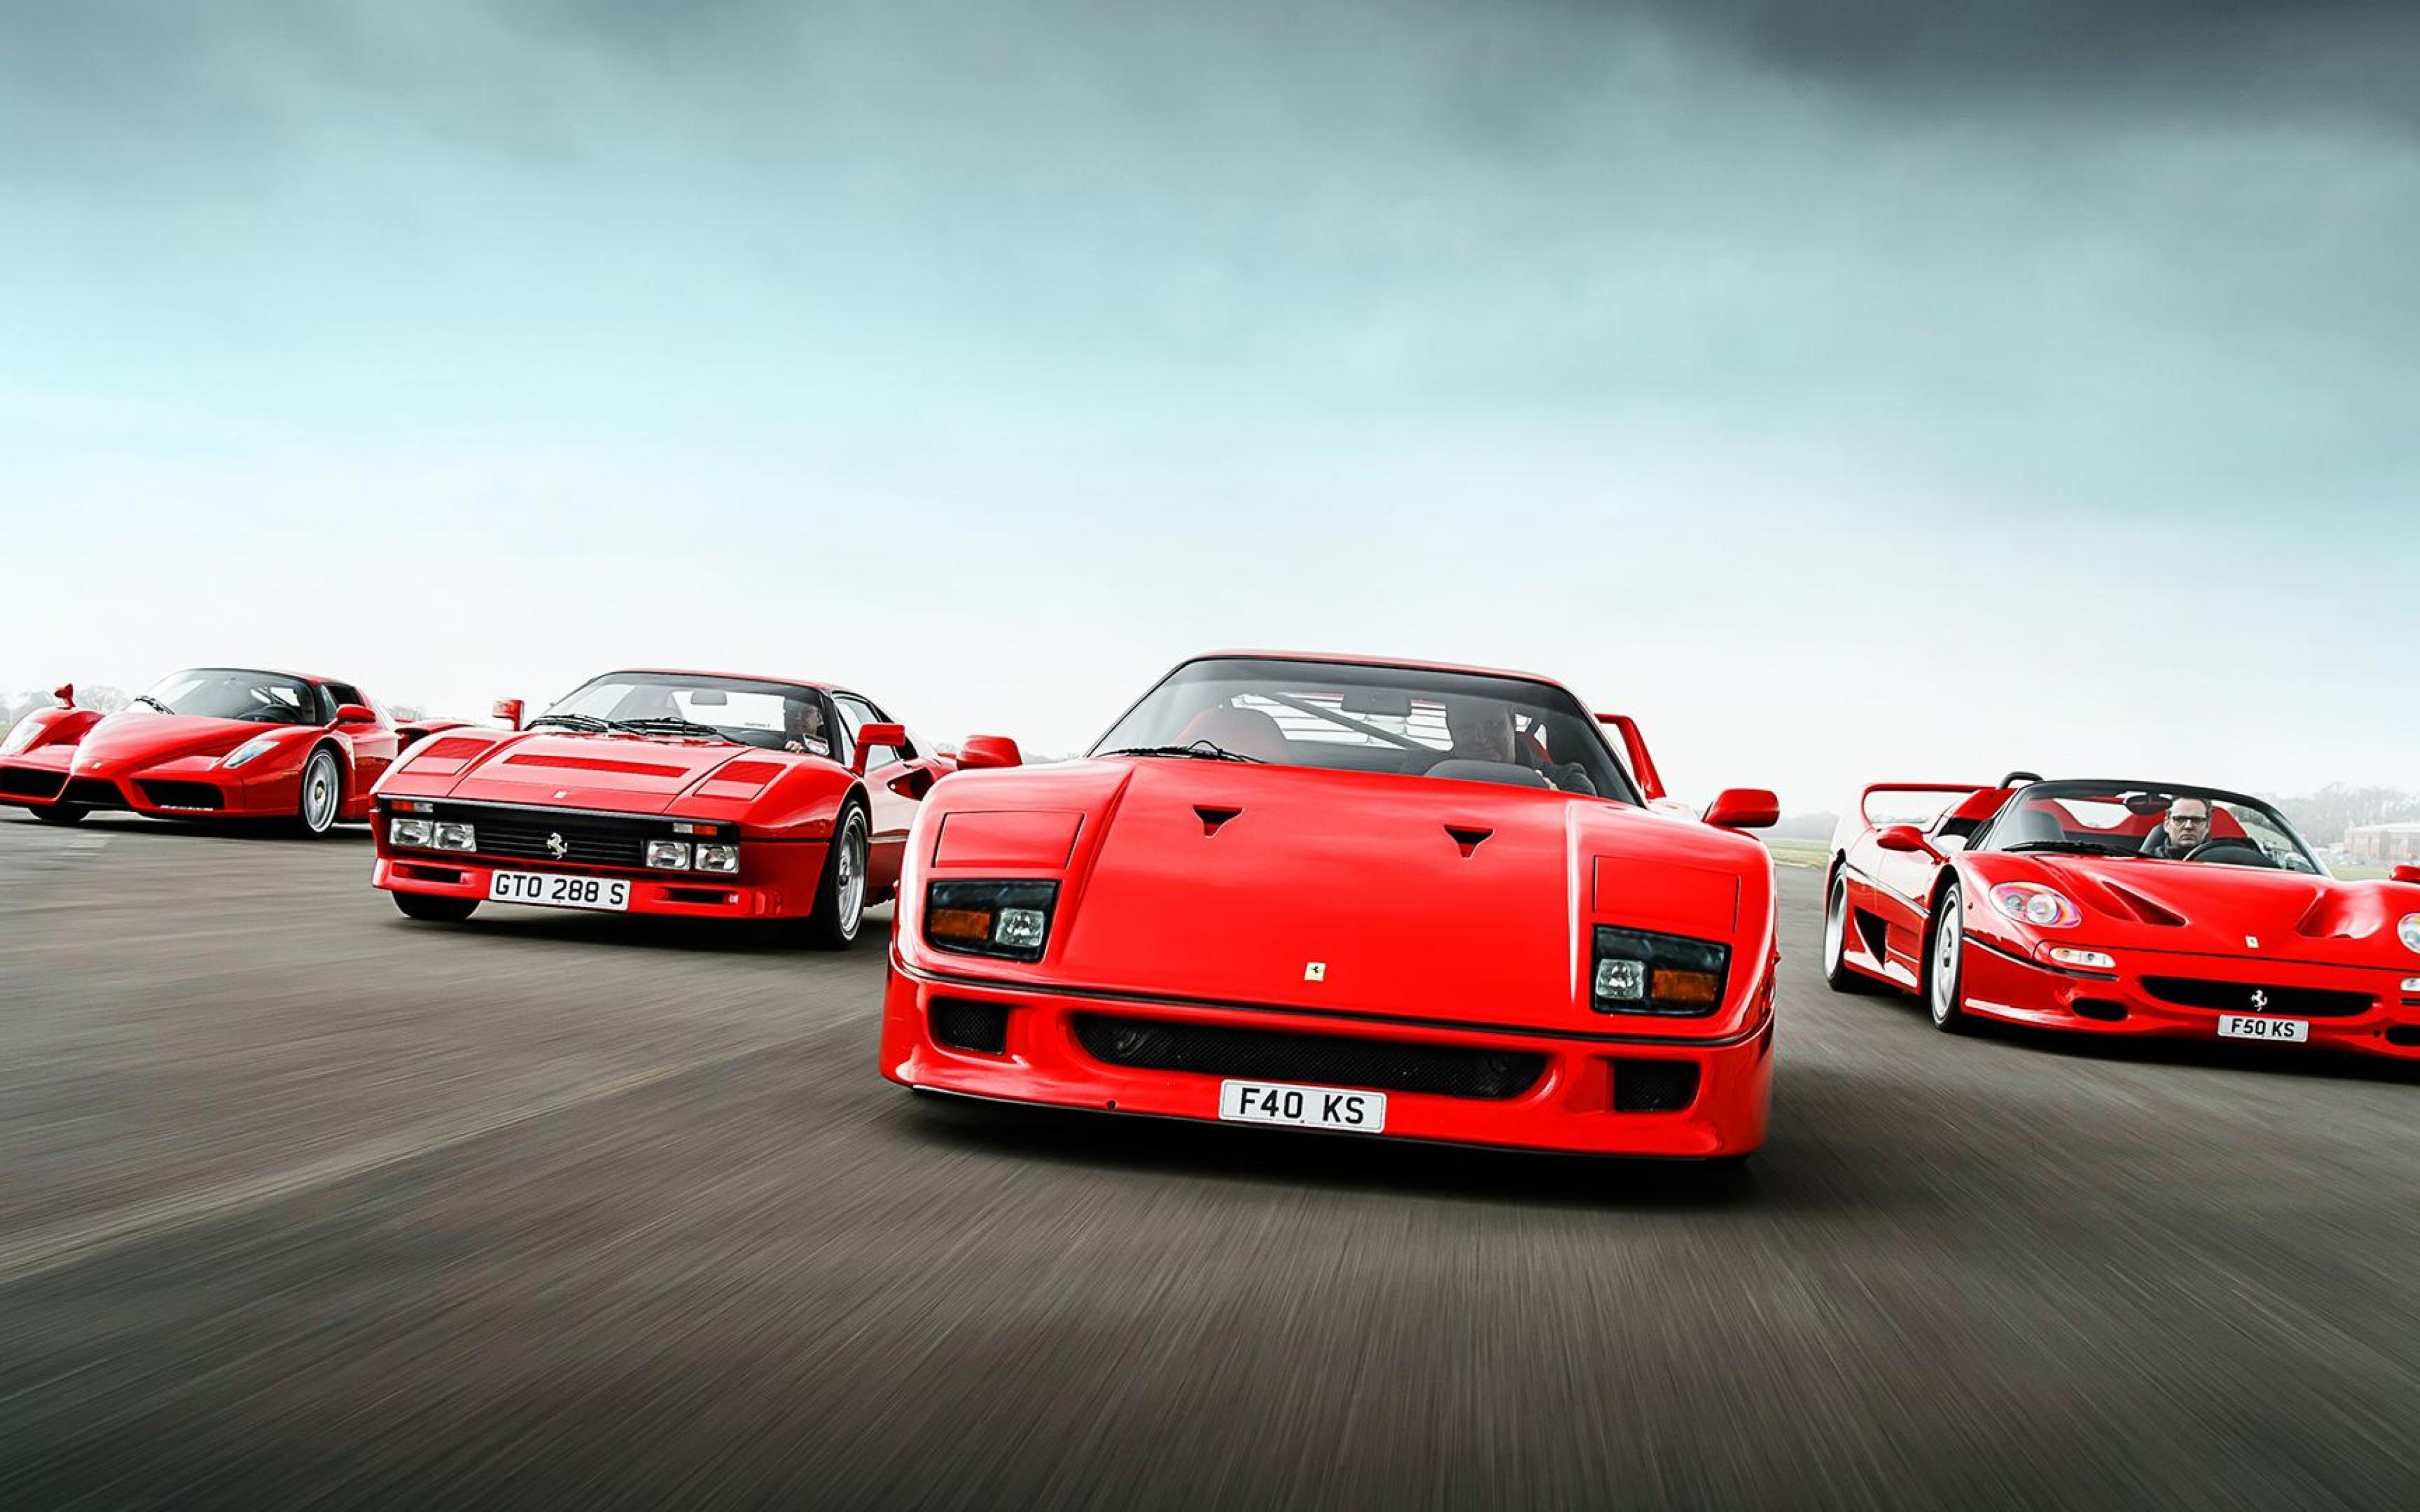 Ferrari F50 4k Desktop Wallpapers 1080p, Carros, Auto